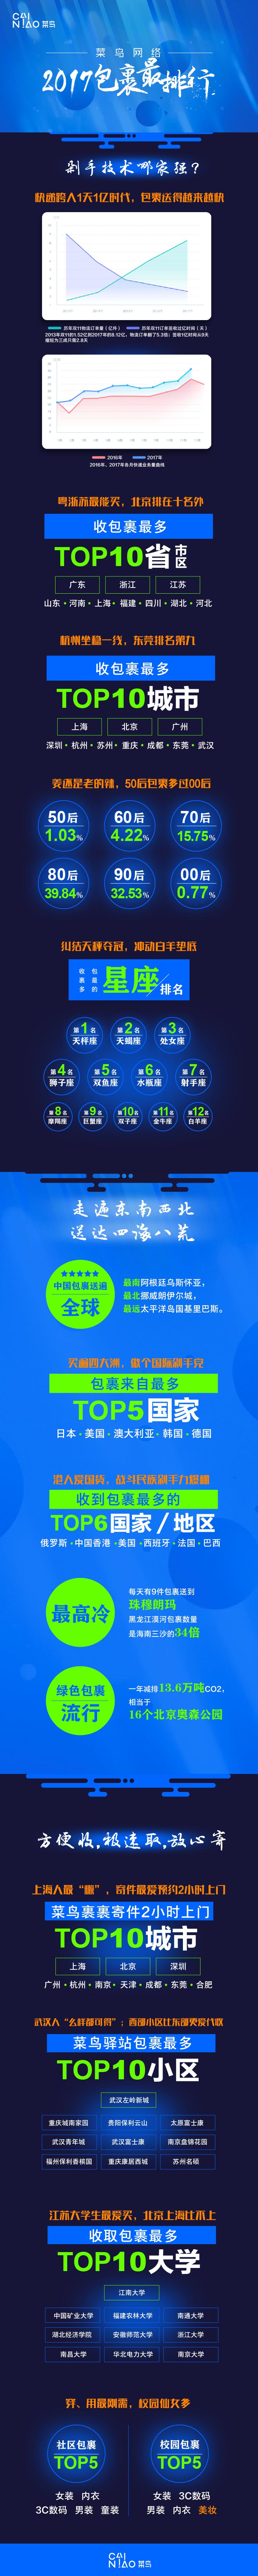 """菜鸟网络2017包裹""""最""""排行"""